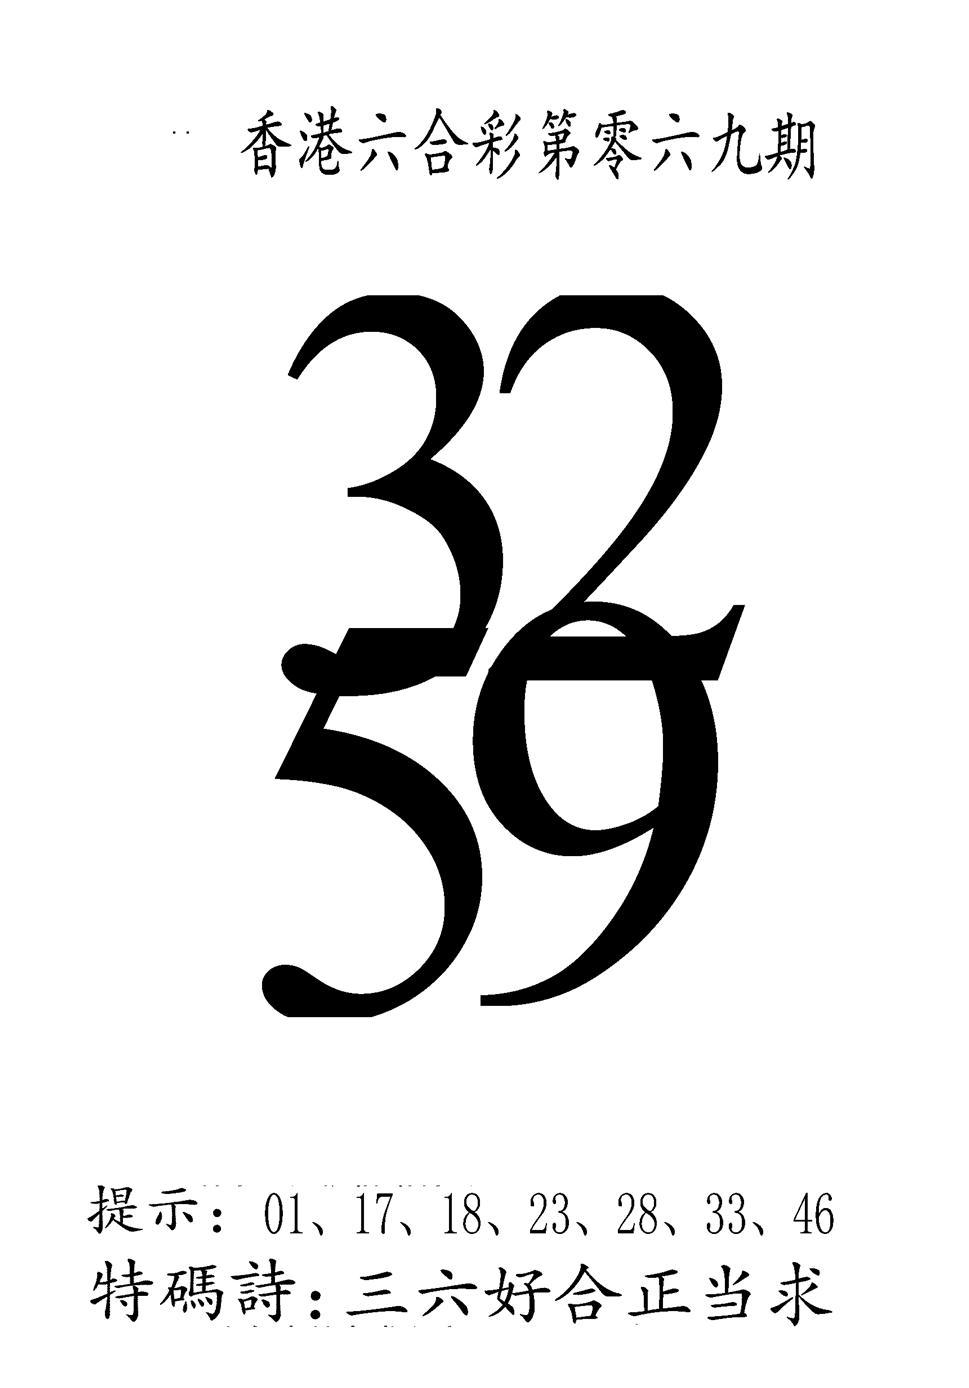 069期澳门三合王B(黑白)